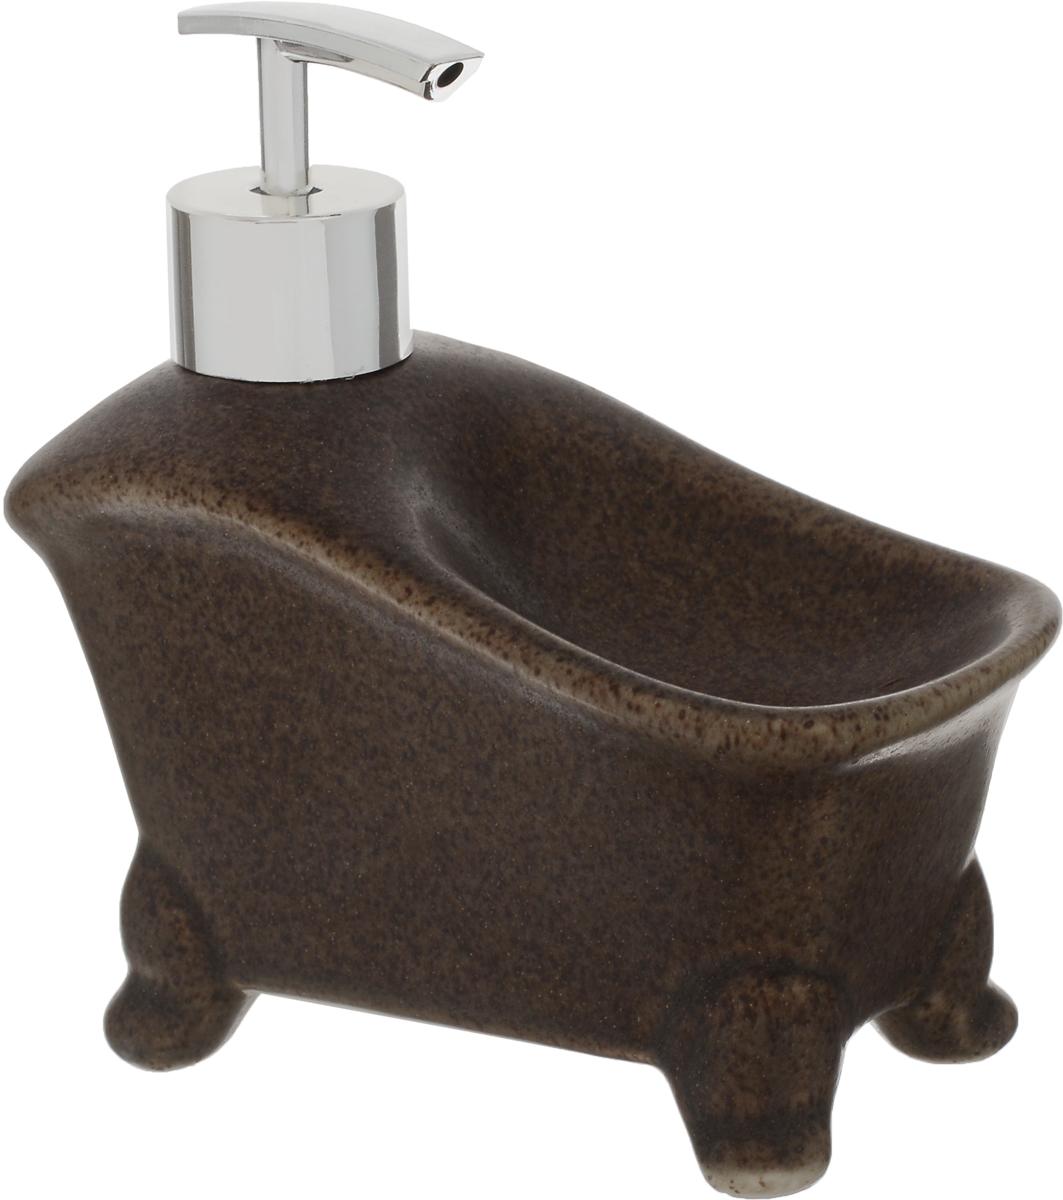 """Дозатор для жидкого мыла """"Elrington"""", изготовленный из  керамики и металла, отлично подойдет для вашей ванной комнаты.  Такой аксессуар очень удобен в использовании, достаточно  лишь перелить жидкое мыло в дозатор, а когда необходимо  использование мыла, легким нажатием выдавить нужное  количество. Также изделие оснащено подставкой под губку. Дозатор для жидкого мыла """"Elrington"""" создаст особую атмосферу  уюта и максимального комфорта в ванной. Размер дозатора: 15 х 7,5 х 15 см."""